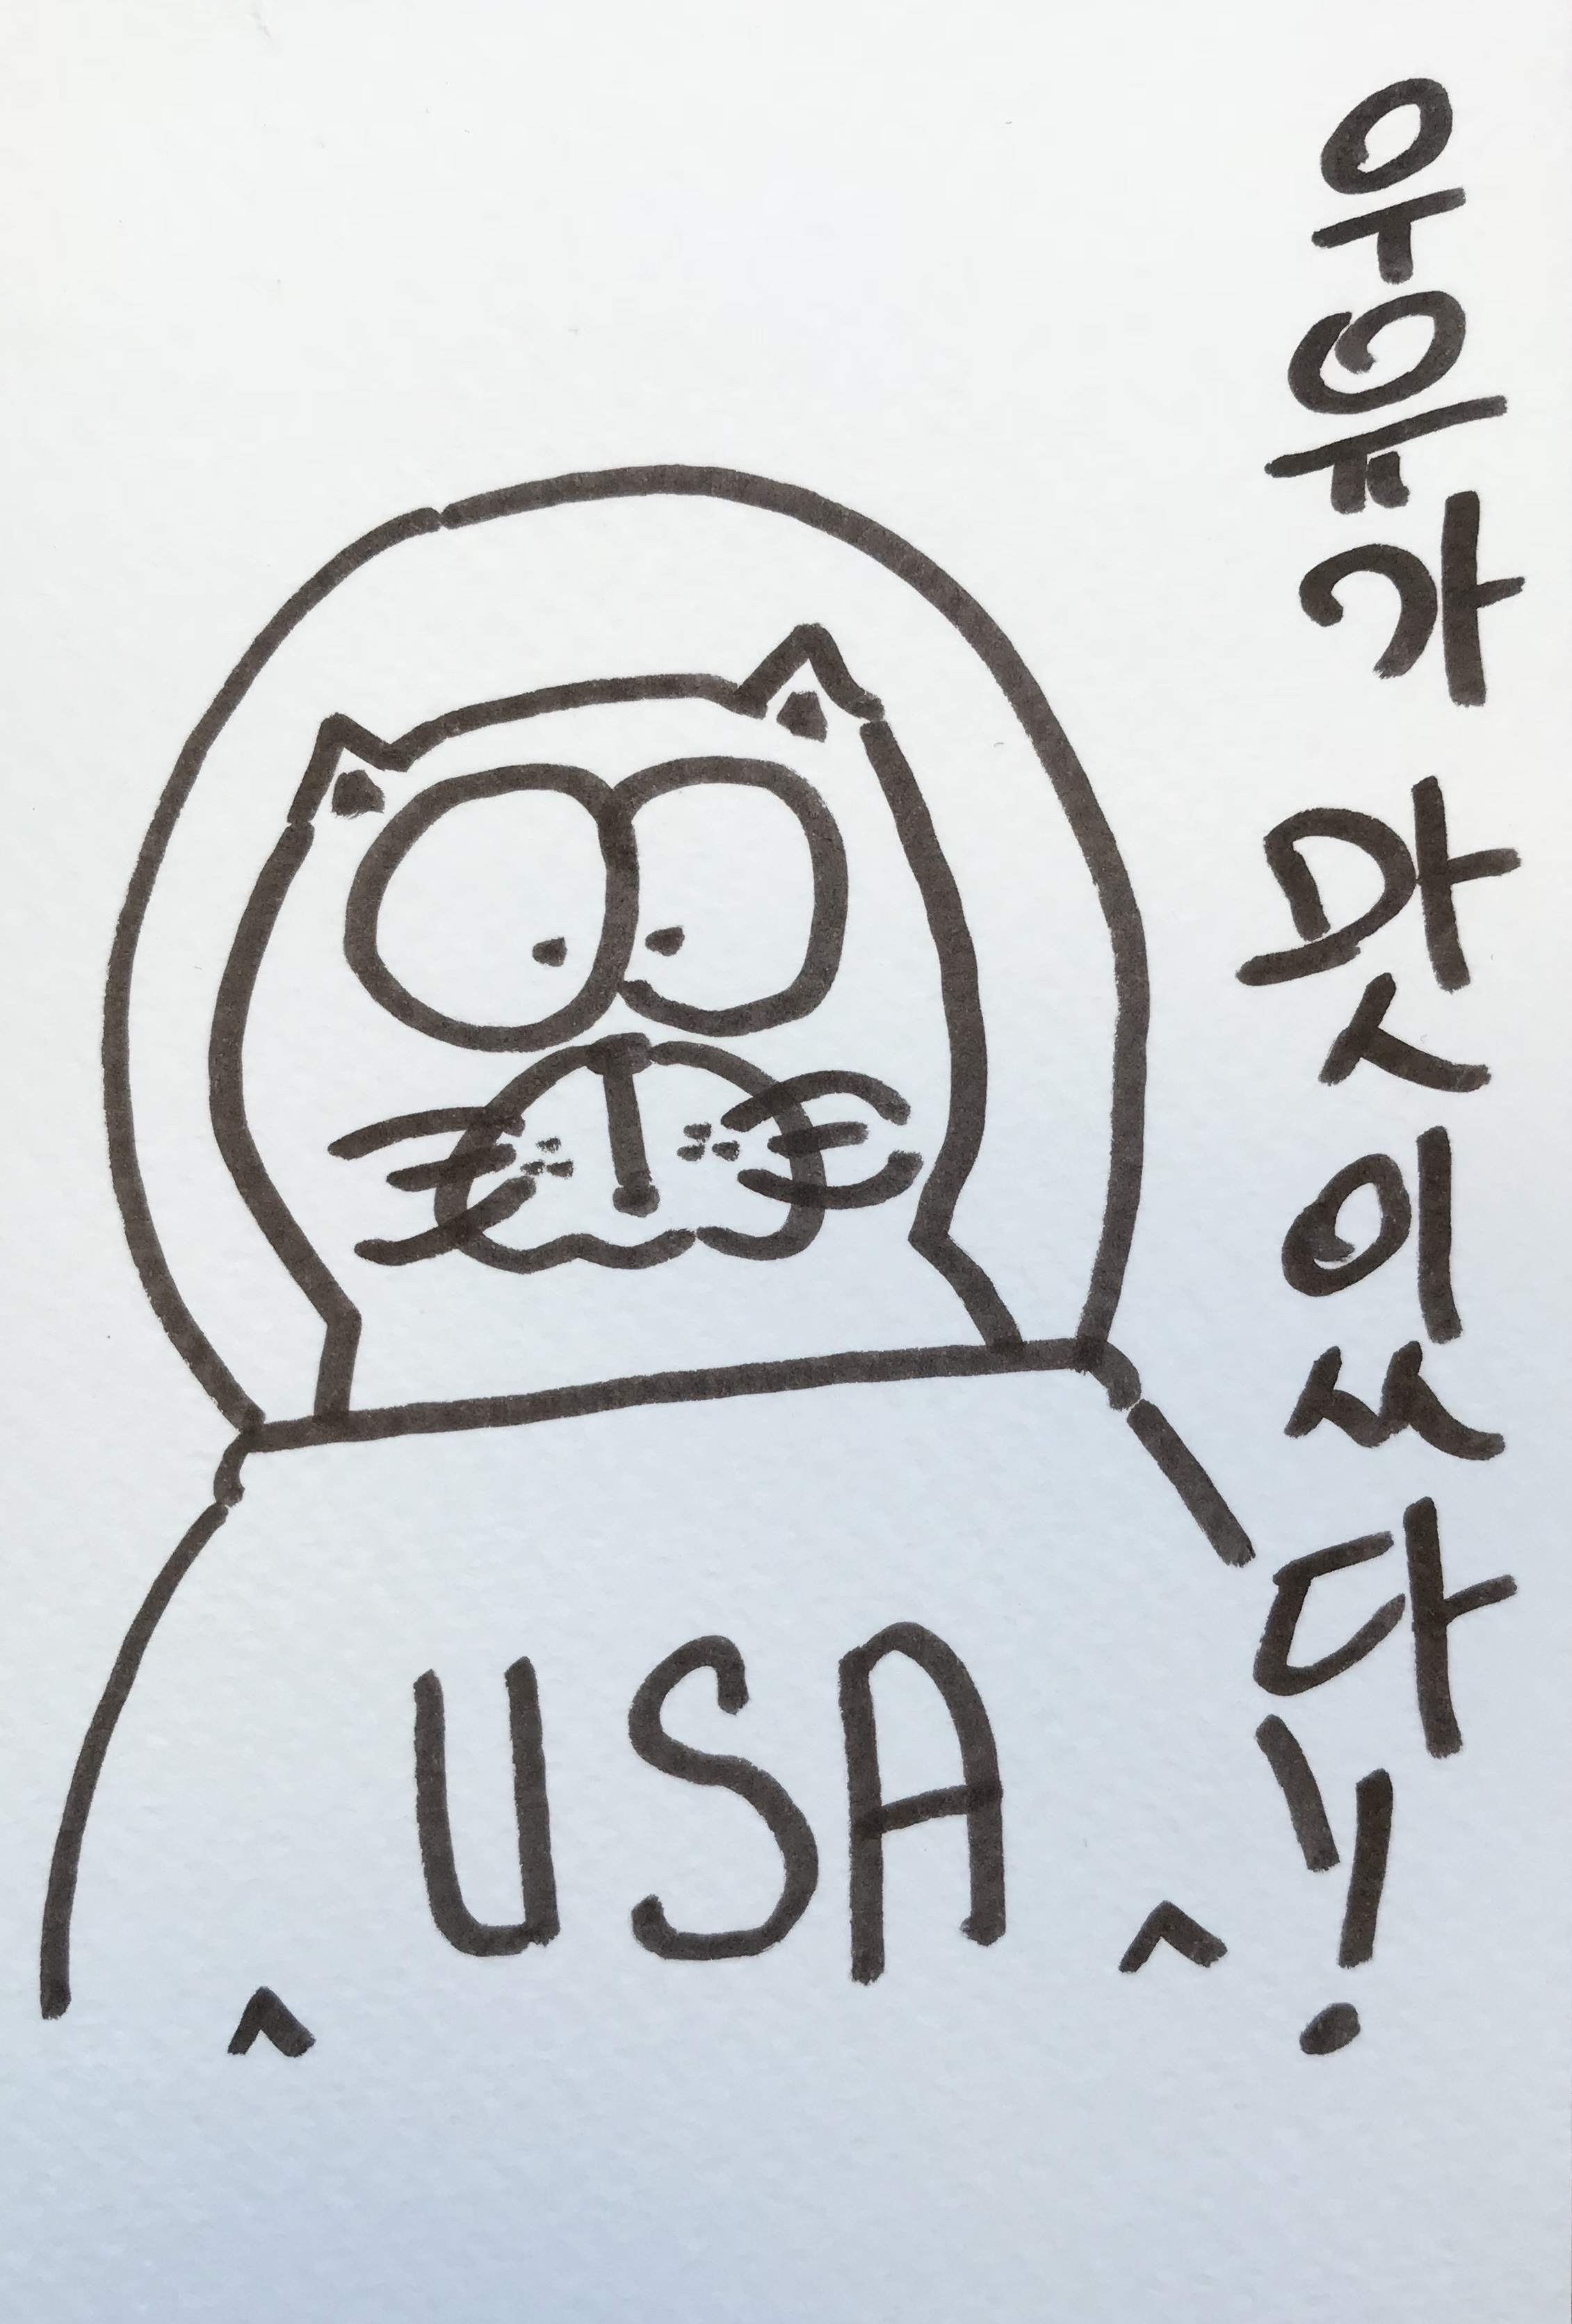 Miylk is Tasty! Korean astronaut